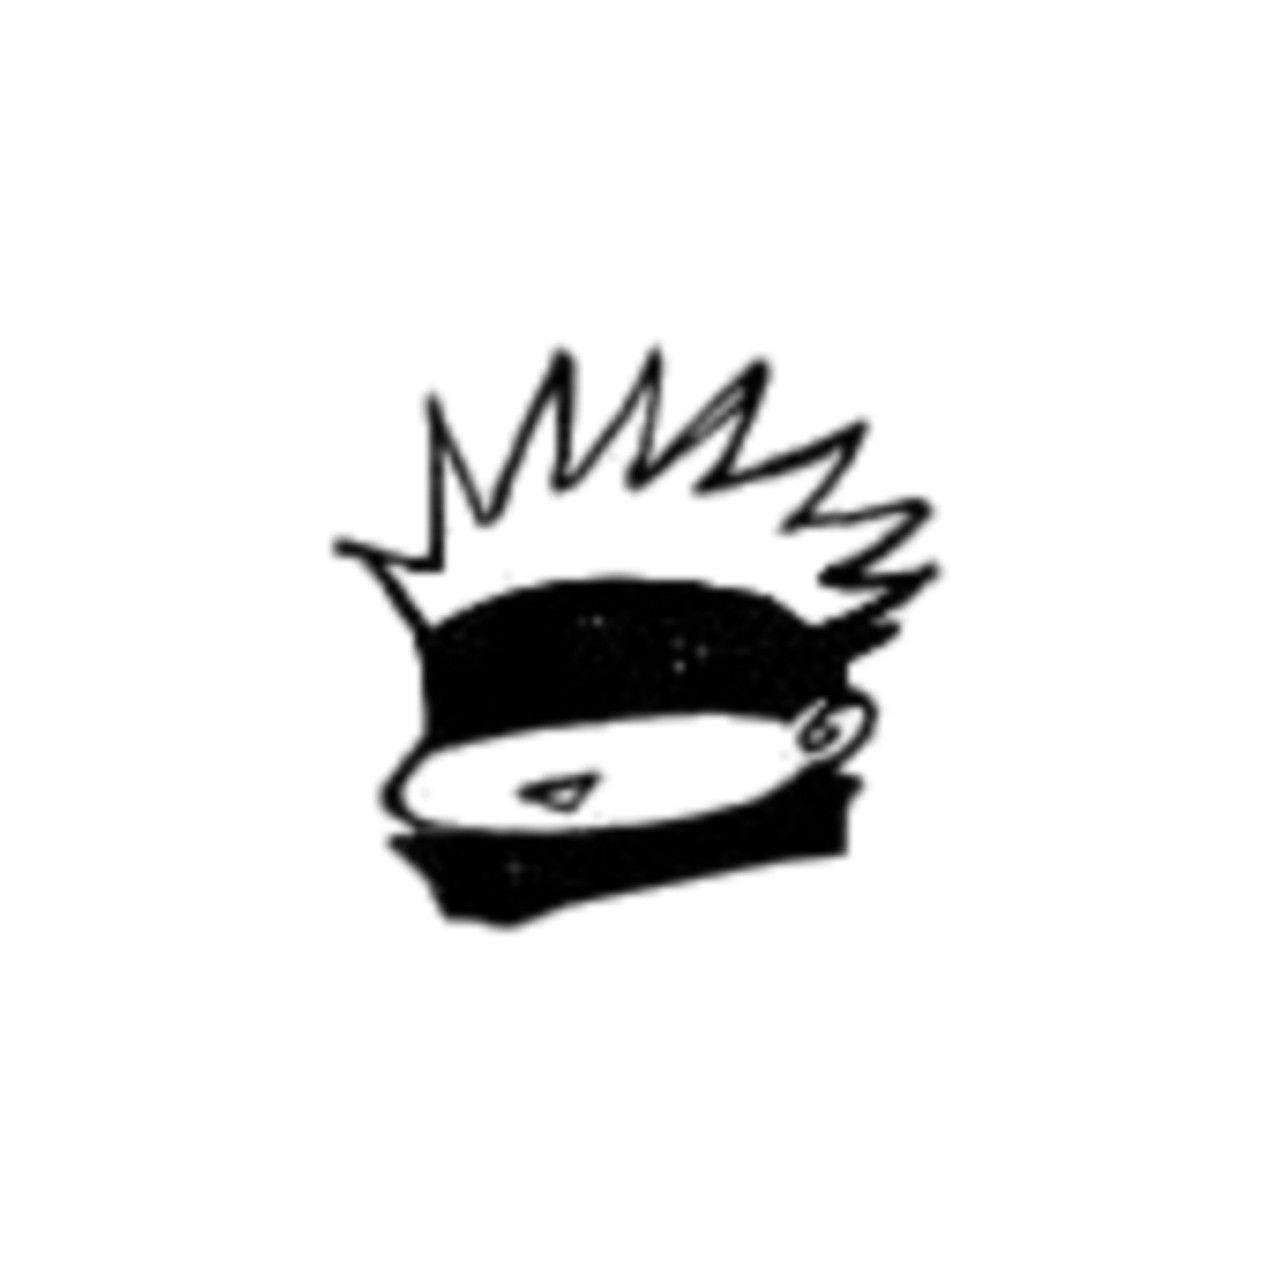 Mangaterial Gojō Satoru Icons Pls Jujutsu Anime Tattoos Aesthetic Anime